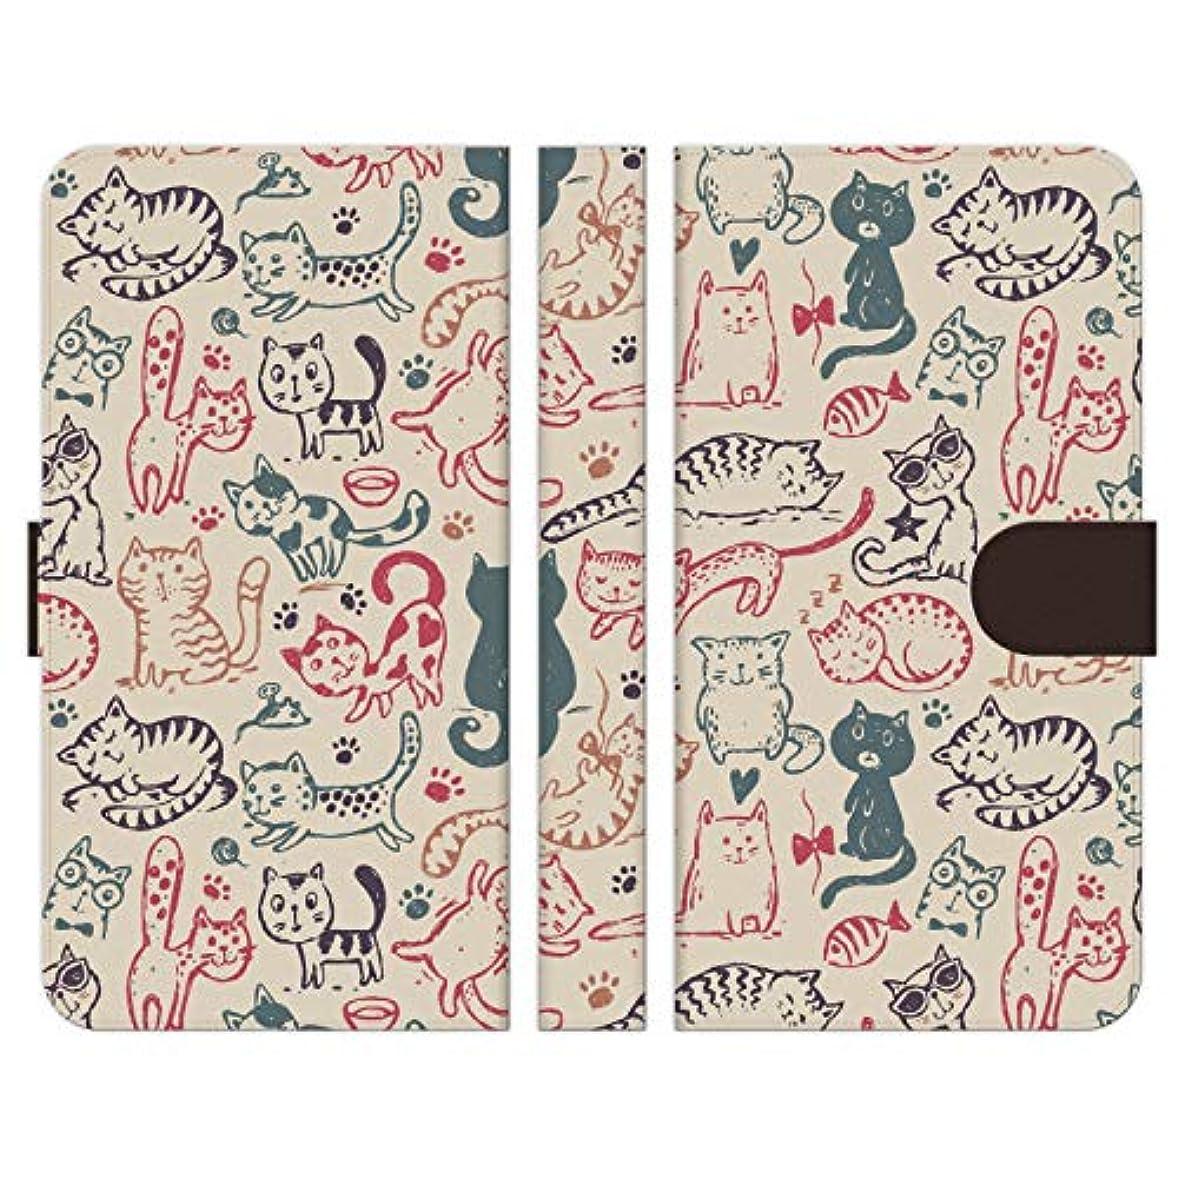 常識群がるクリーナーRuuu ZenFone 4 Max ZC520KL手帳型 スマートフォン スマホ ケース カバー 猫柄 おもしろ ネコ にゃんこ 猫 模様 パターン 面白い ほのぼの 落書き イラスト 足あと